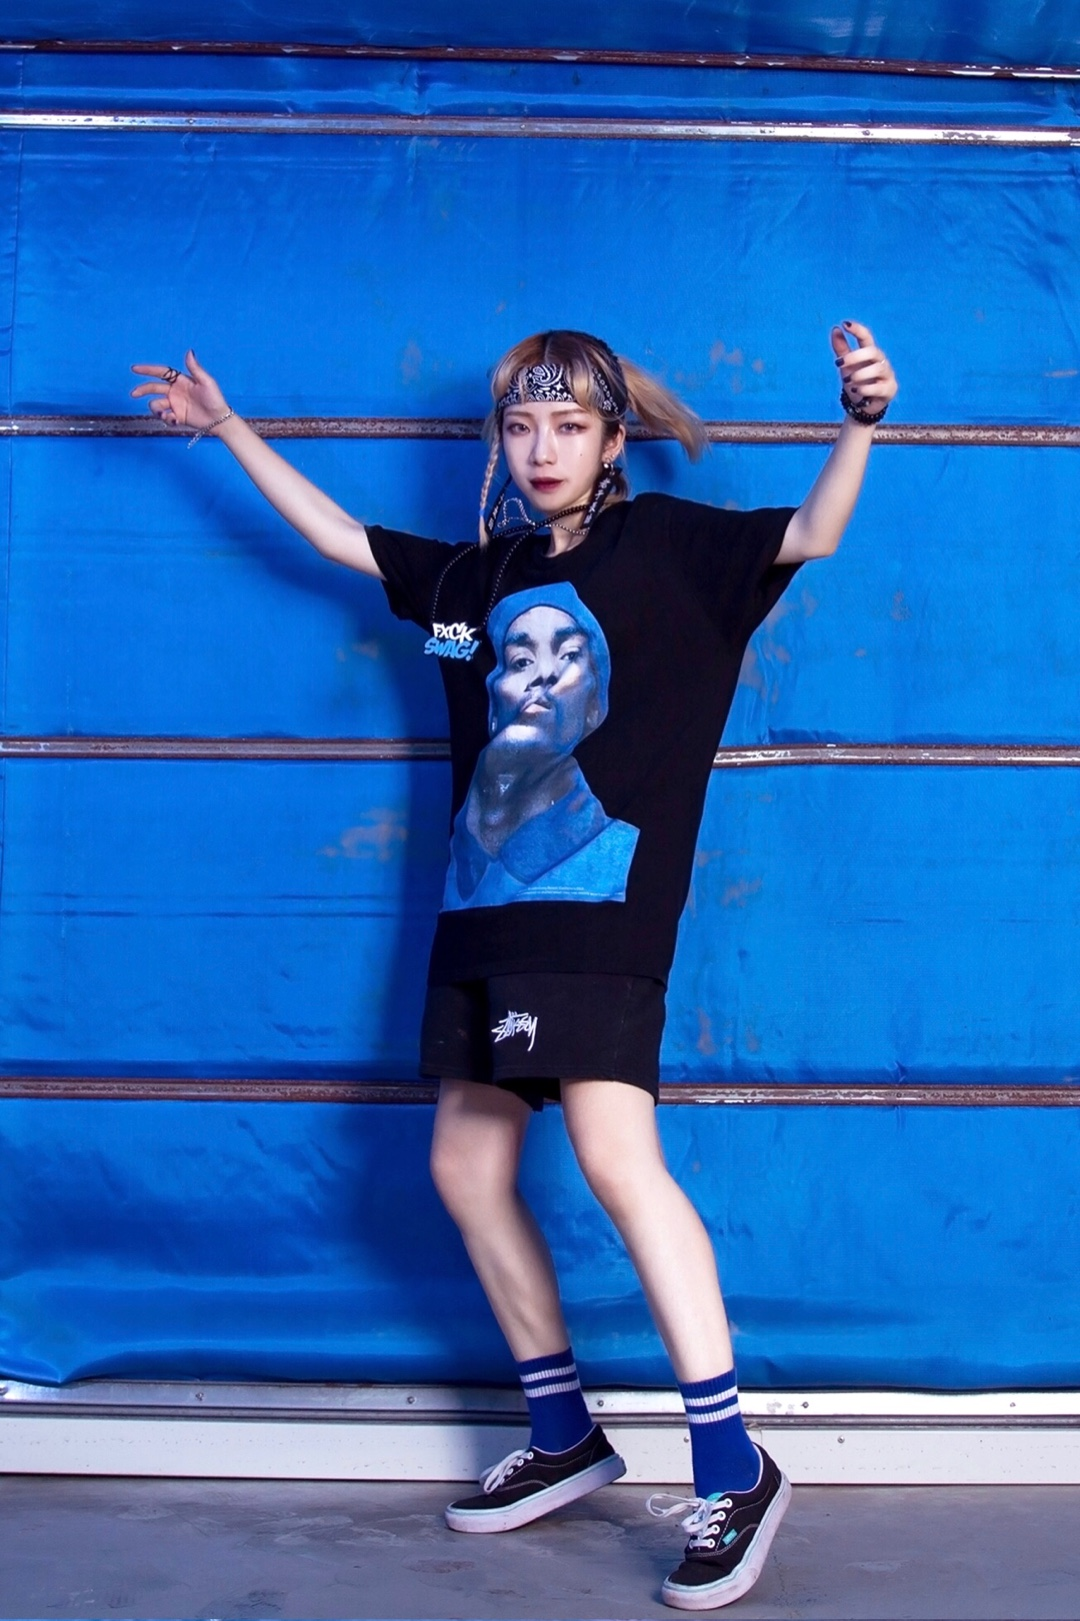 比较有个性的一套黑蓝配色的穿搭,狗爷的T恤穿上就自带气场。 梳起高马尾绑上头巾非常酷,两侧编好辫子可以视觉瘦脸,适合夜晚去蹦迪的造型。 配饰各种花里胡哨的往上叠,增加细节也流露出浓浓的hiphop味道。 #今夏最爆t恤长什么样#